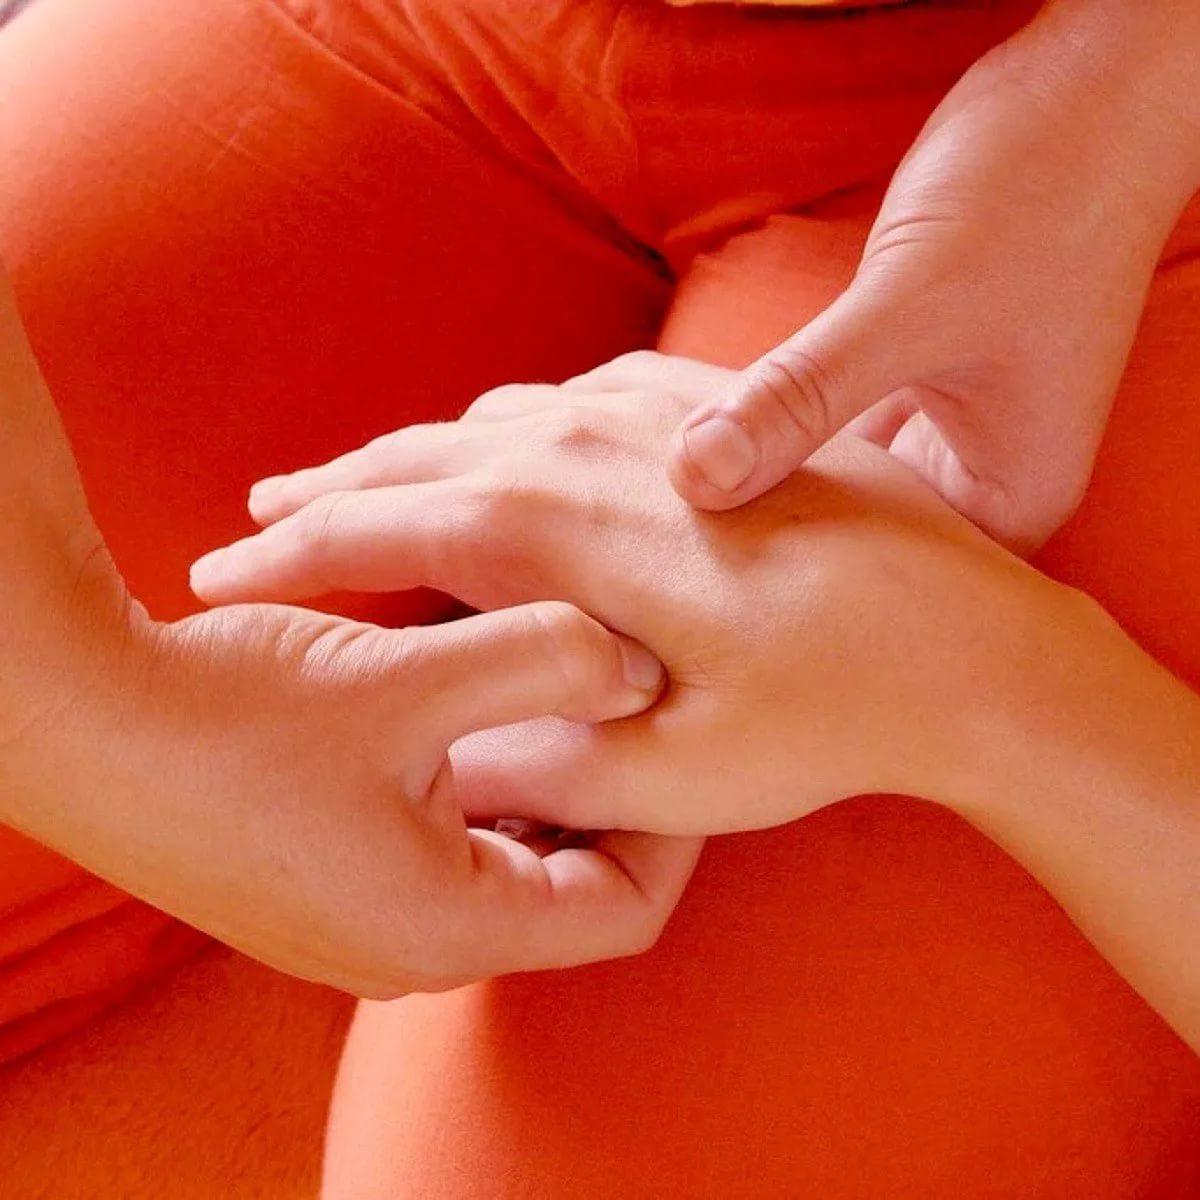 Массаж рук при похудении